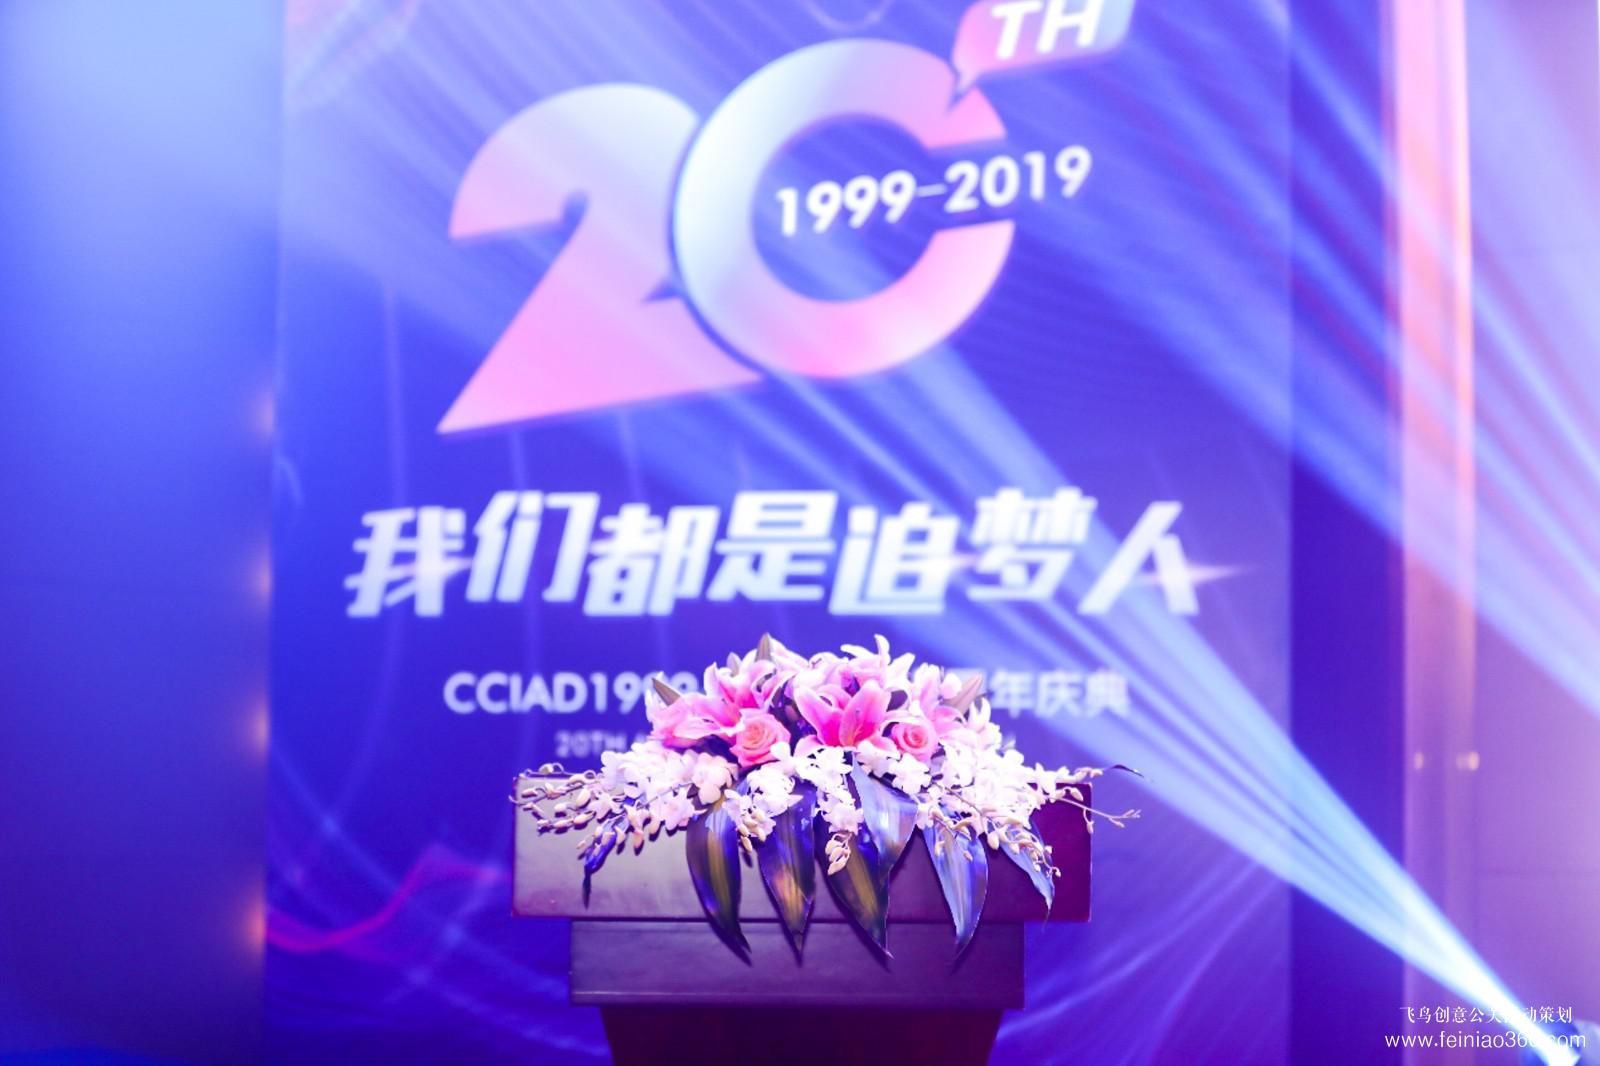 CCIAD1999-2019二十周年庆典